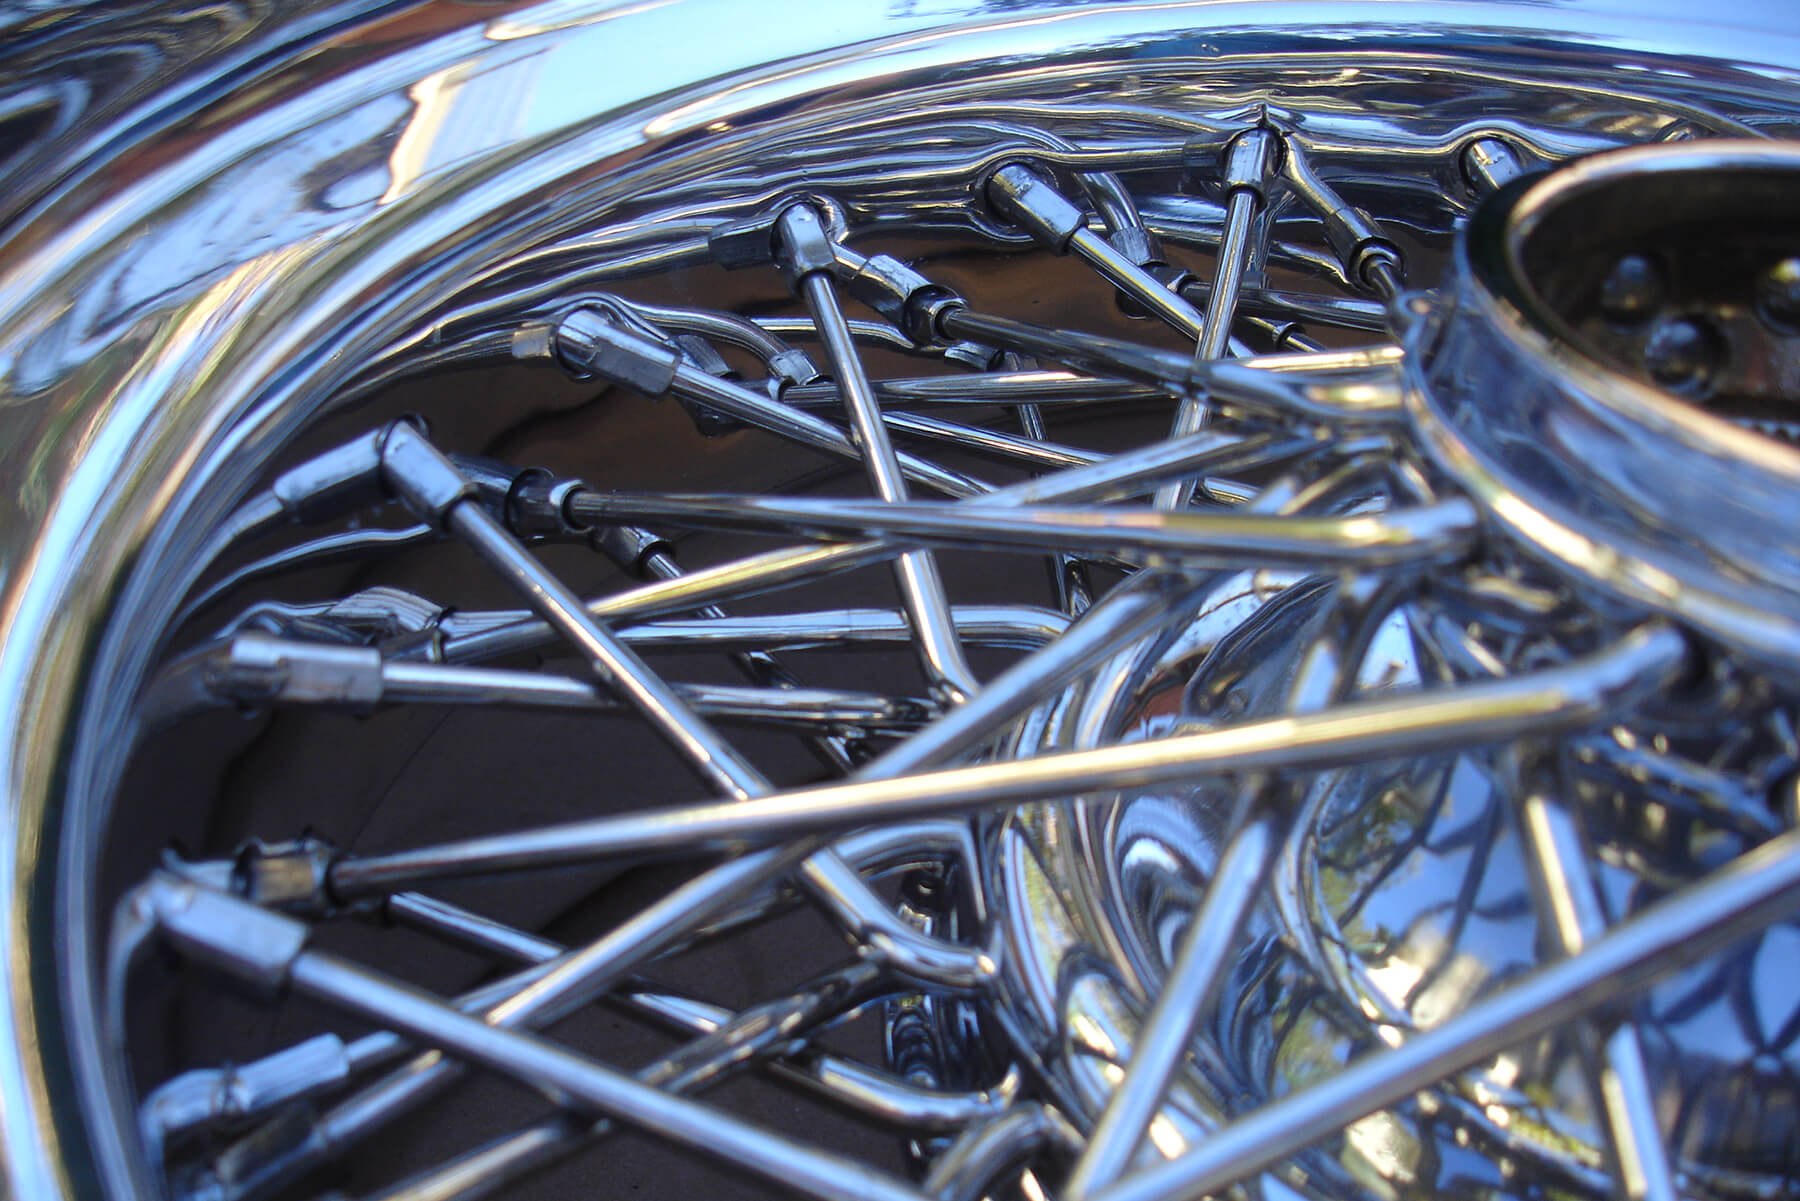 Ferrari Borrani wheel.